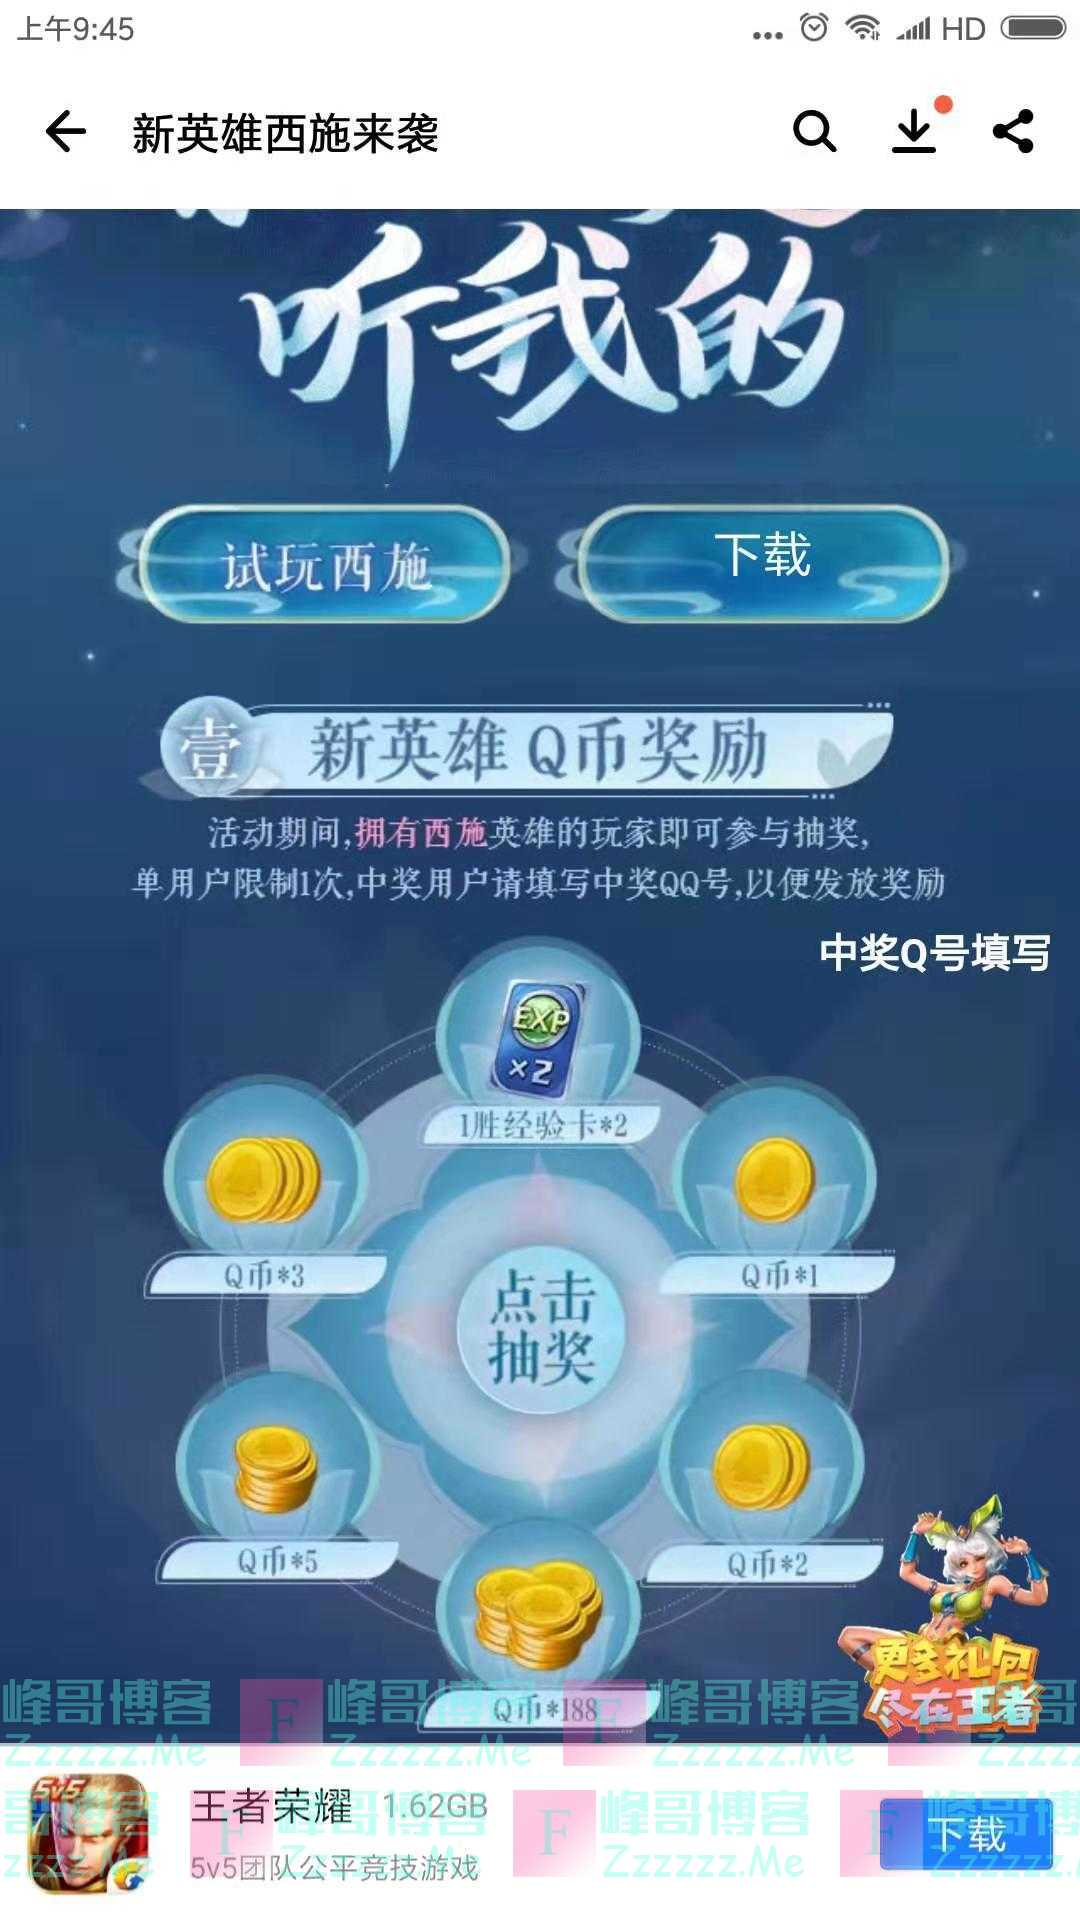 应用宝王者荣耀 新英雄Q币奖励(截止9月30日)